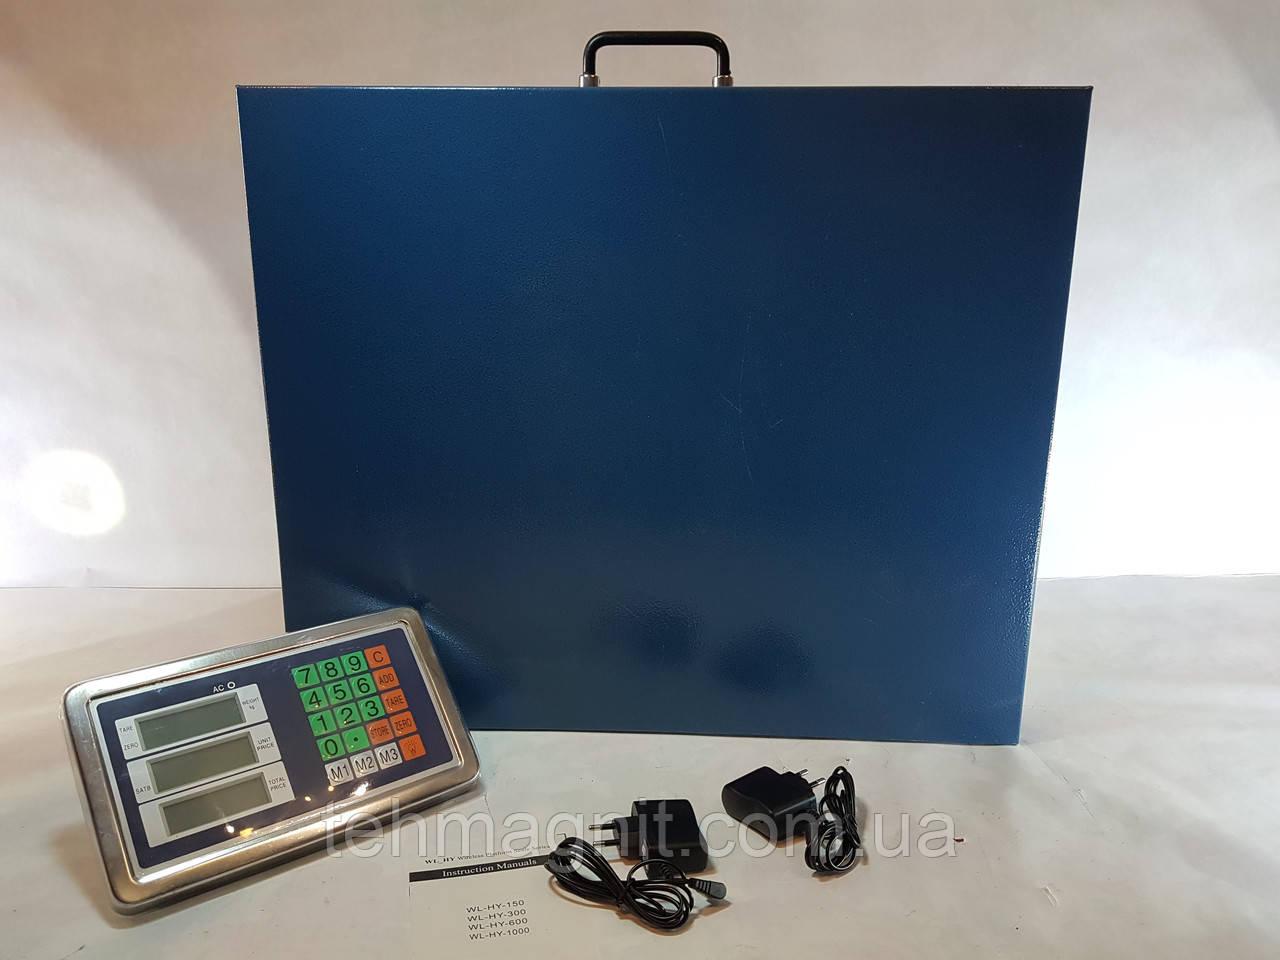 Весы товарные беспроводные с Bluetooth до 500 кг - 50x60